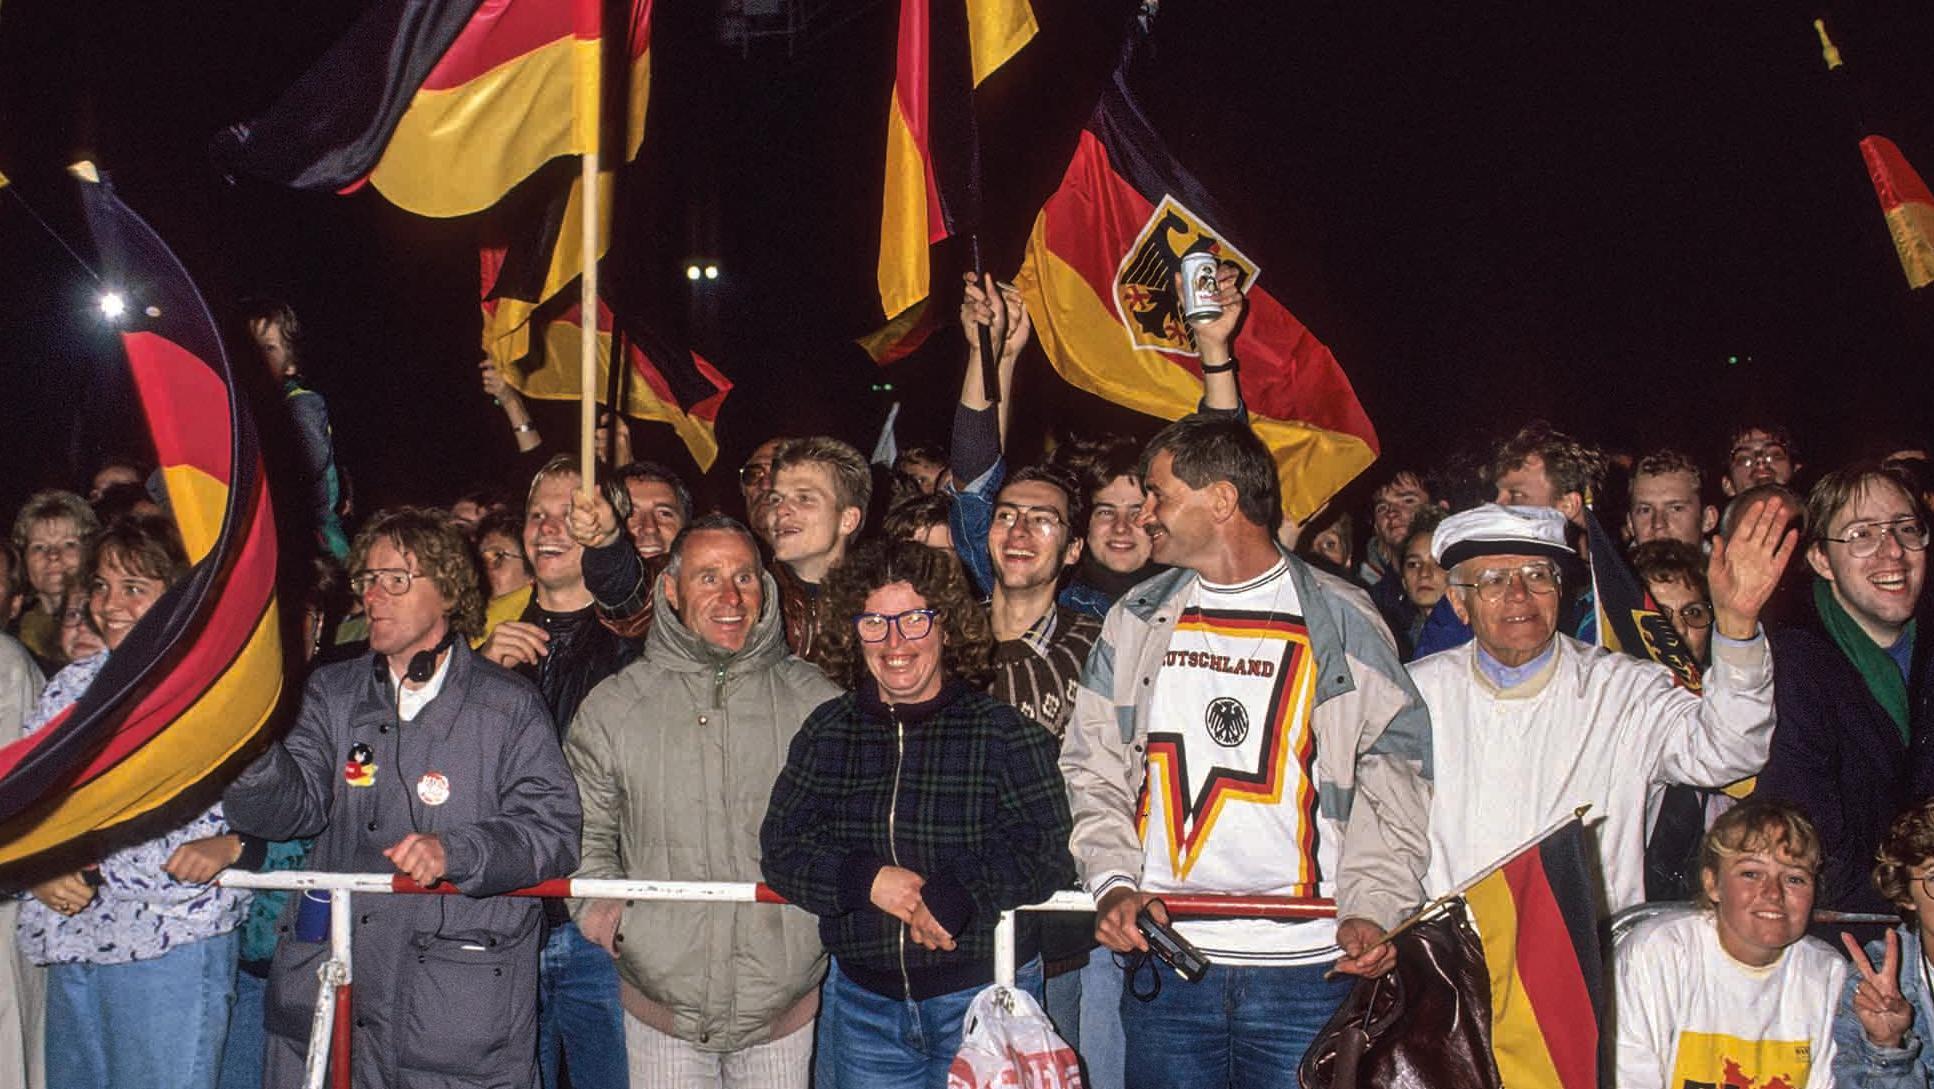 Deutschland im Wiedervereinigungsfieber